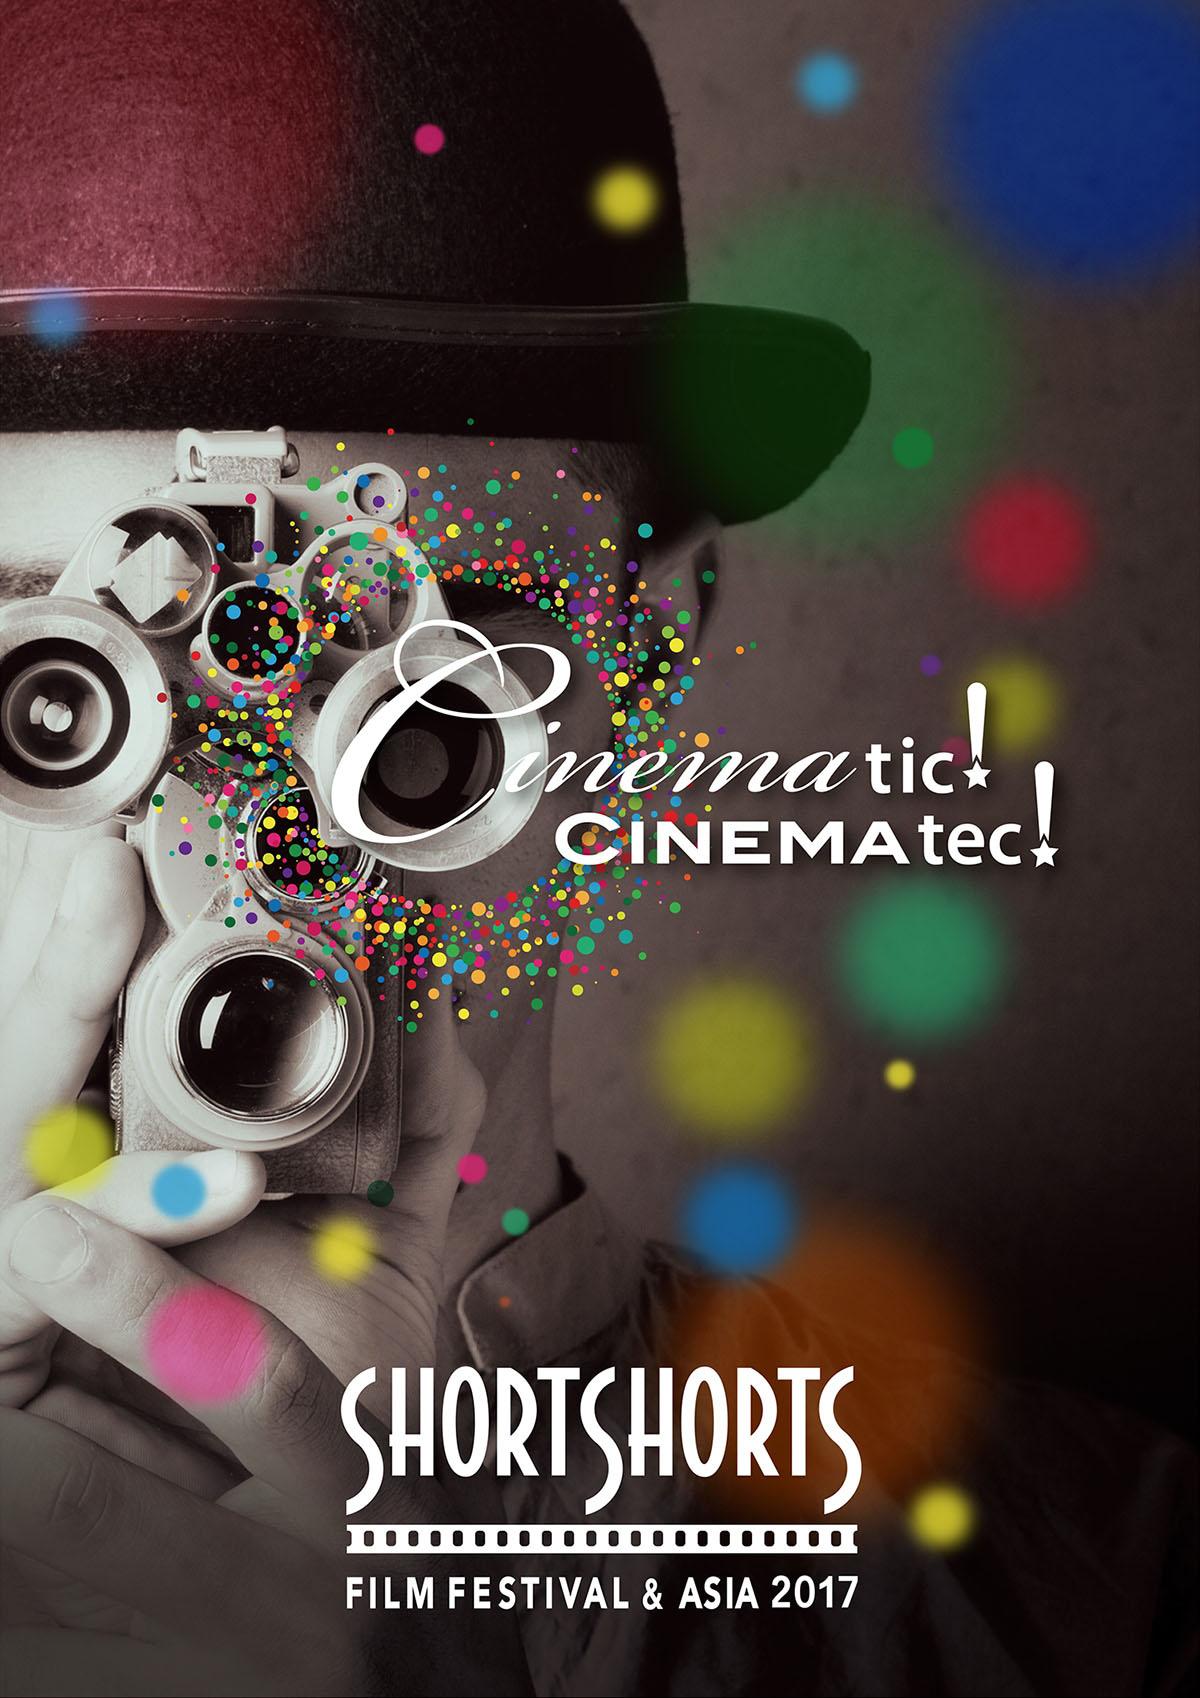 ショートショートフィルムフェスティバル&アジア2017